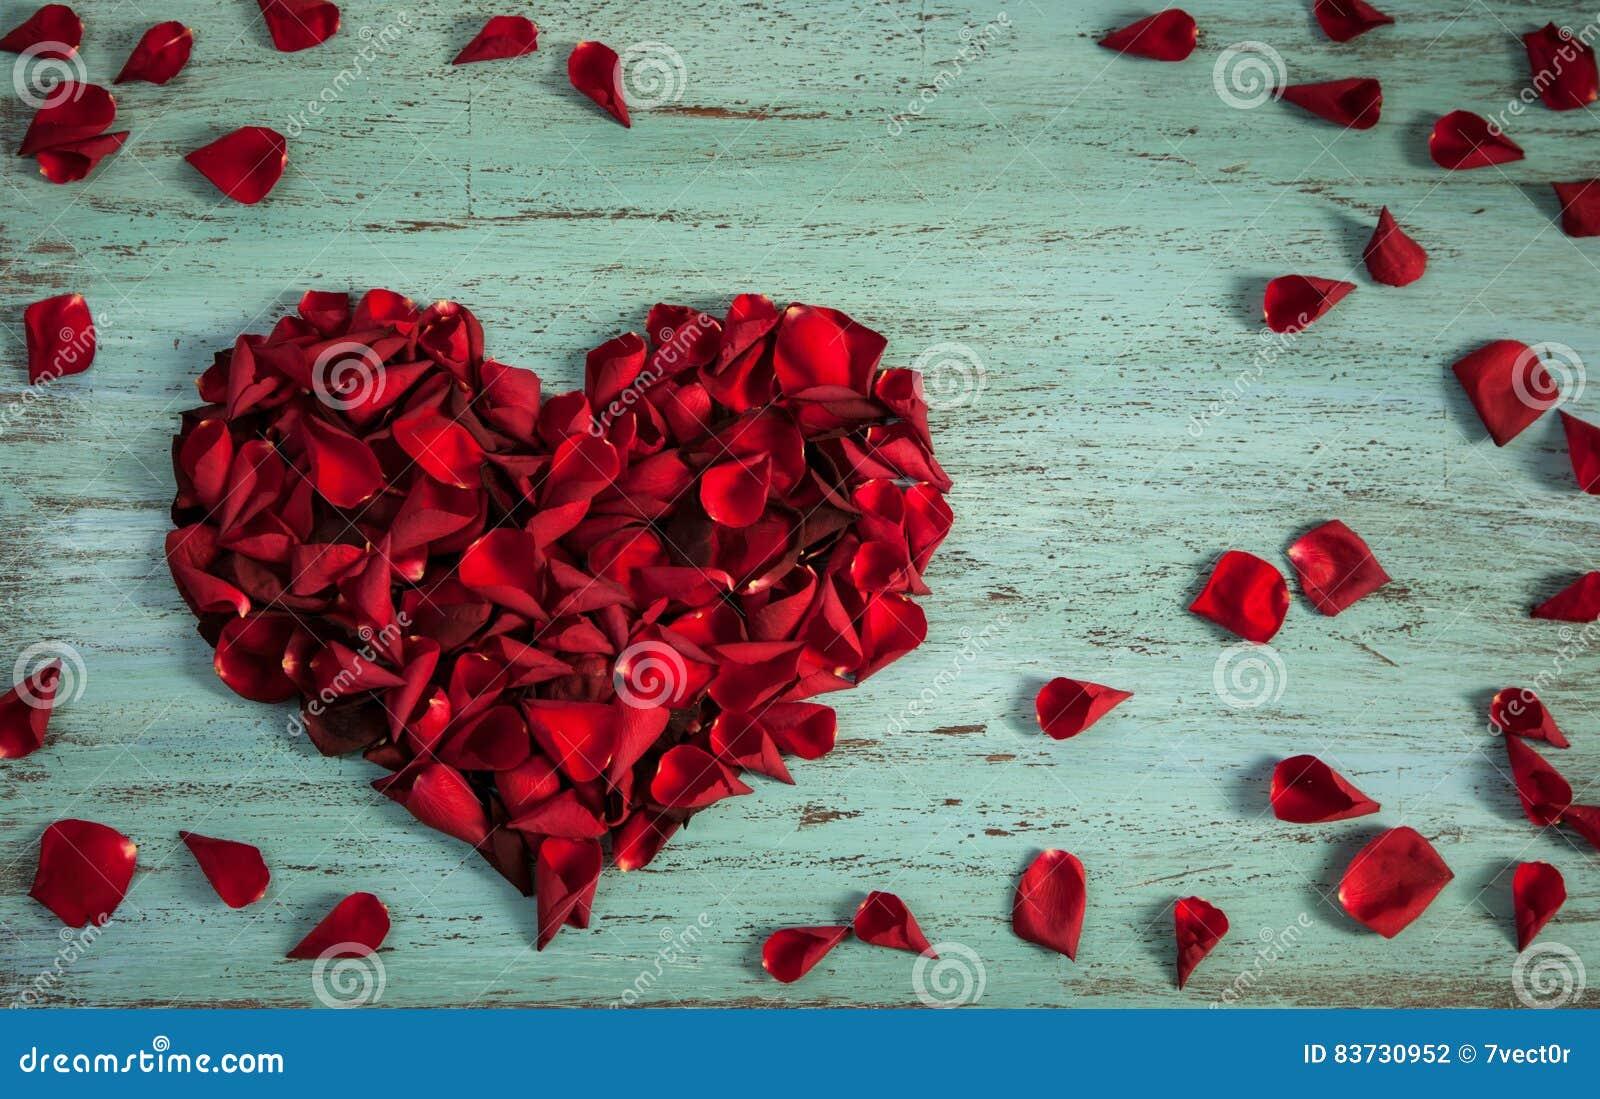 Pétalas das rosas em uma forma do coração na madeira azul